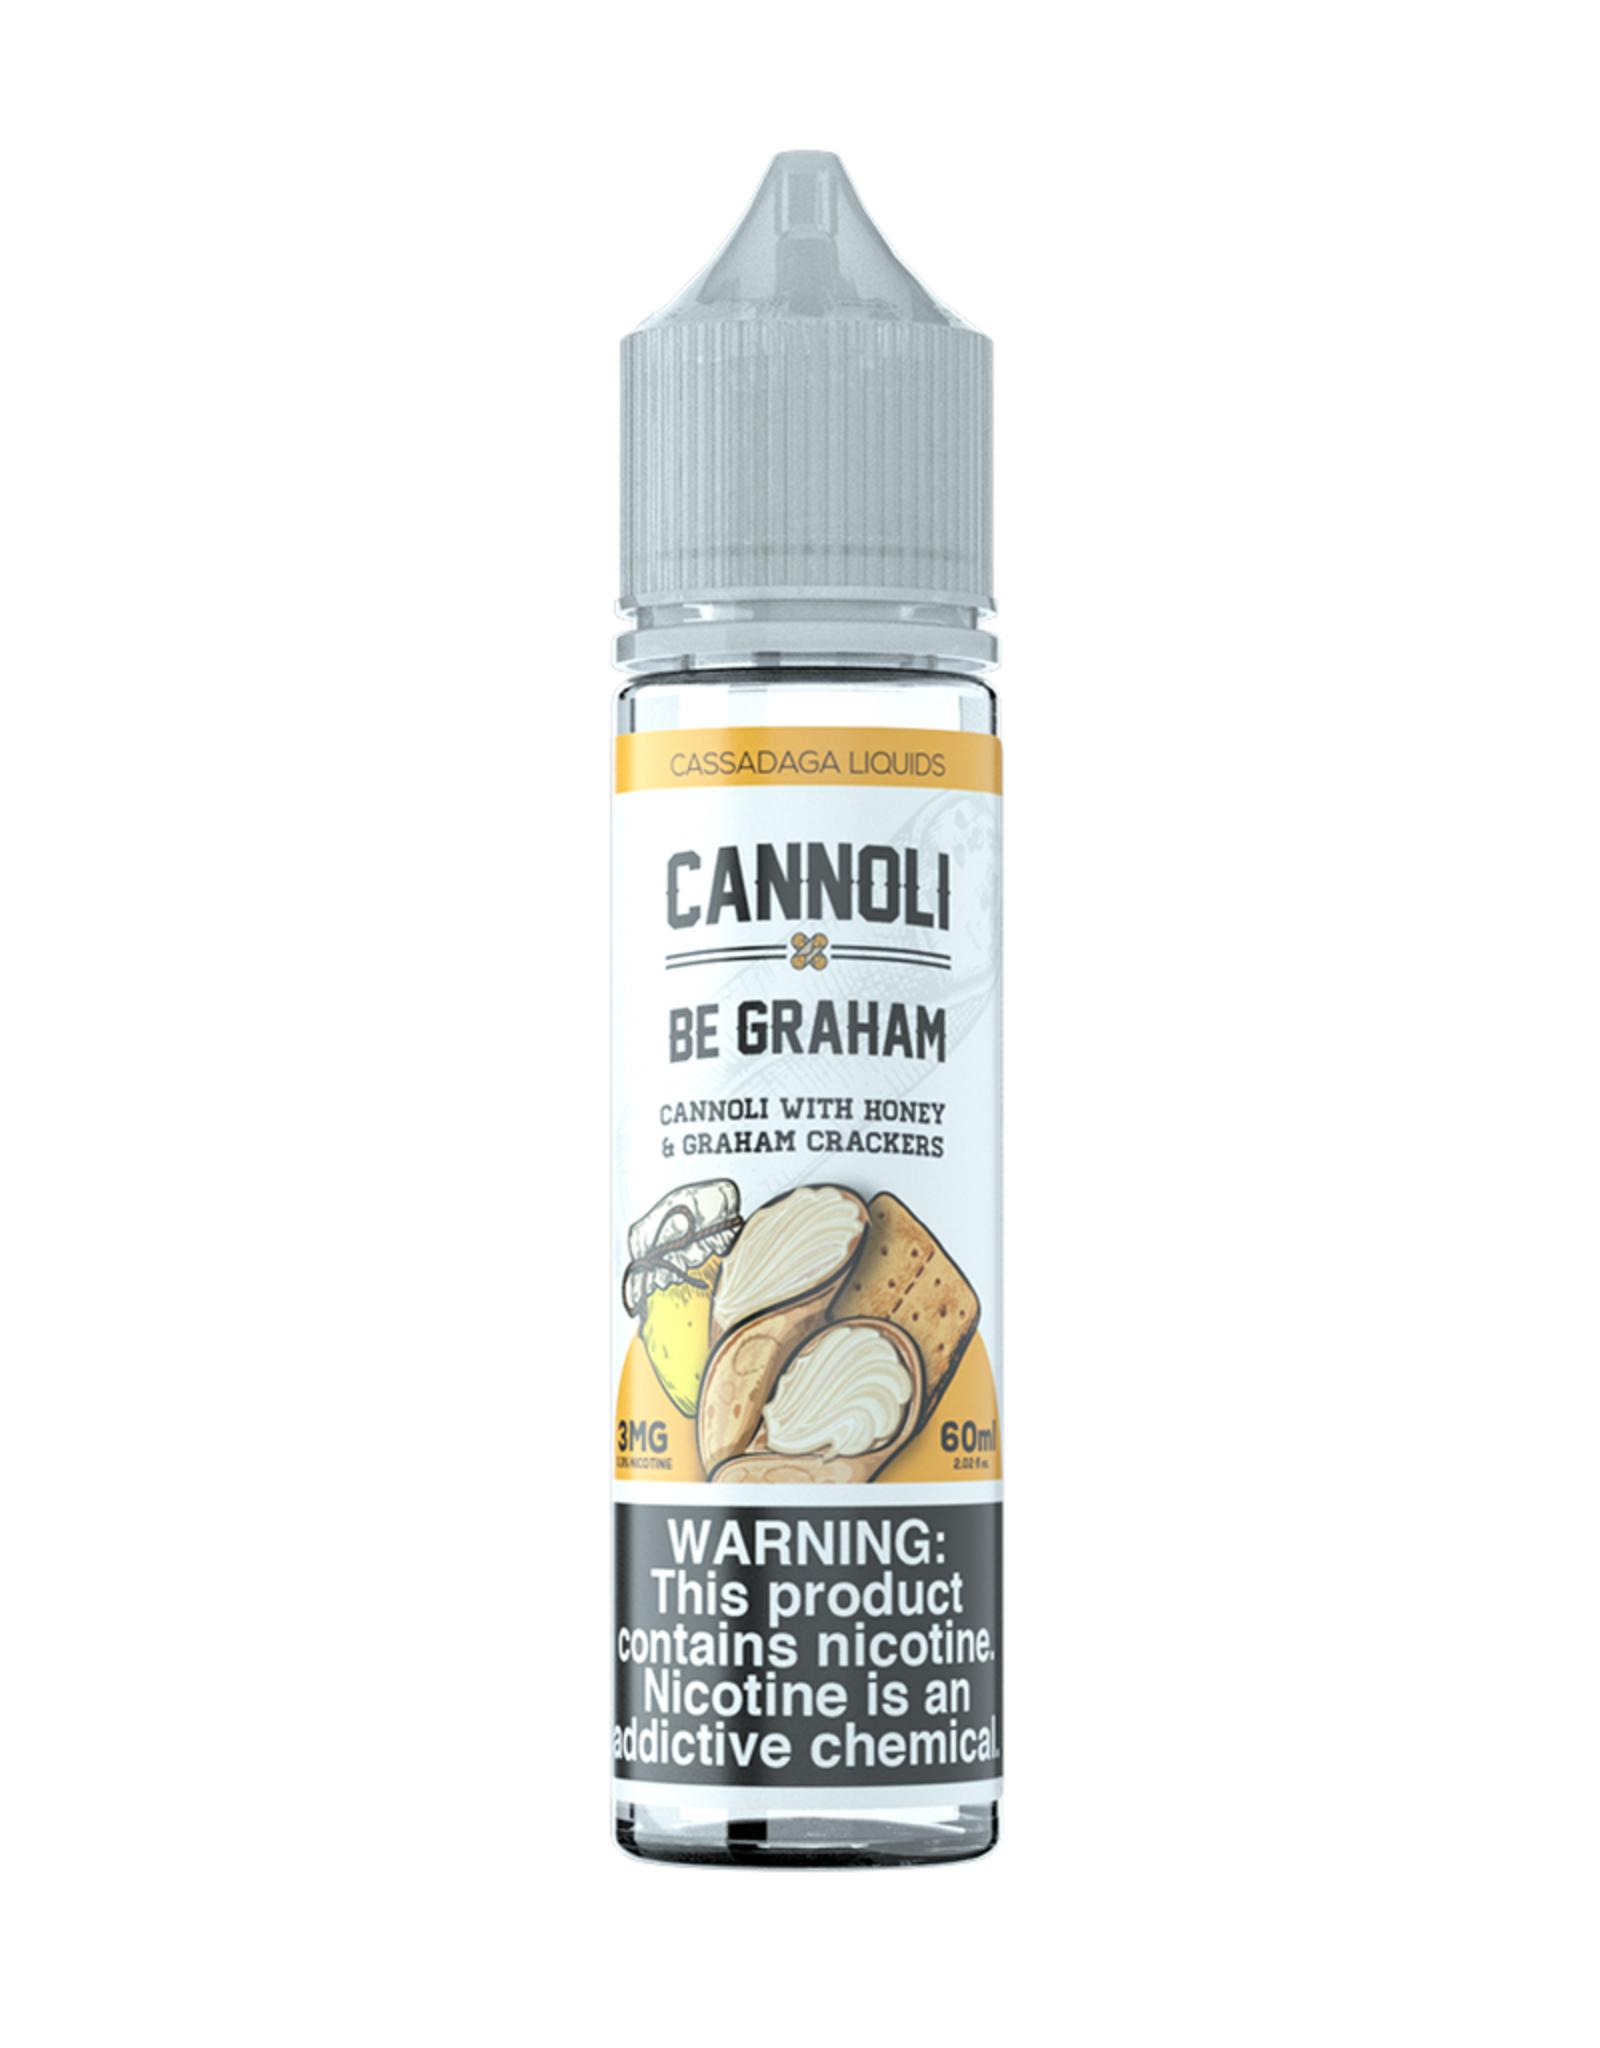 Cassadaga Liquids Cannoli Be Graham